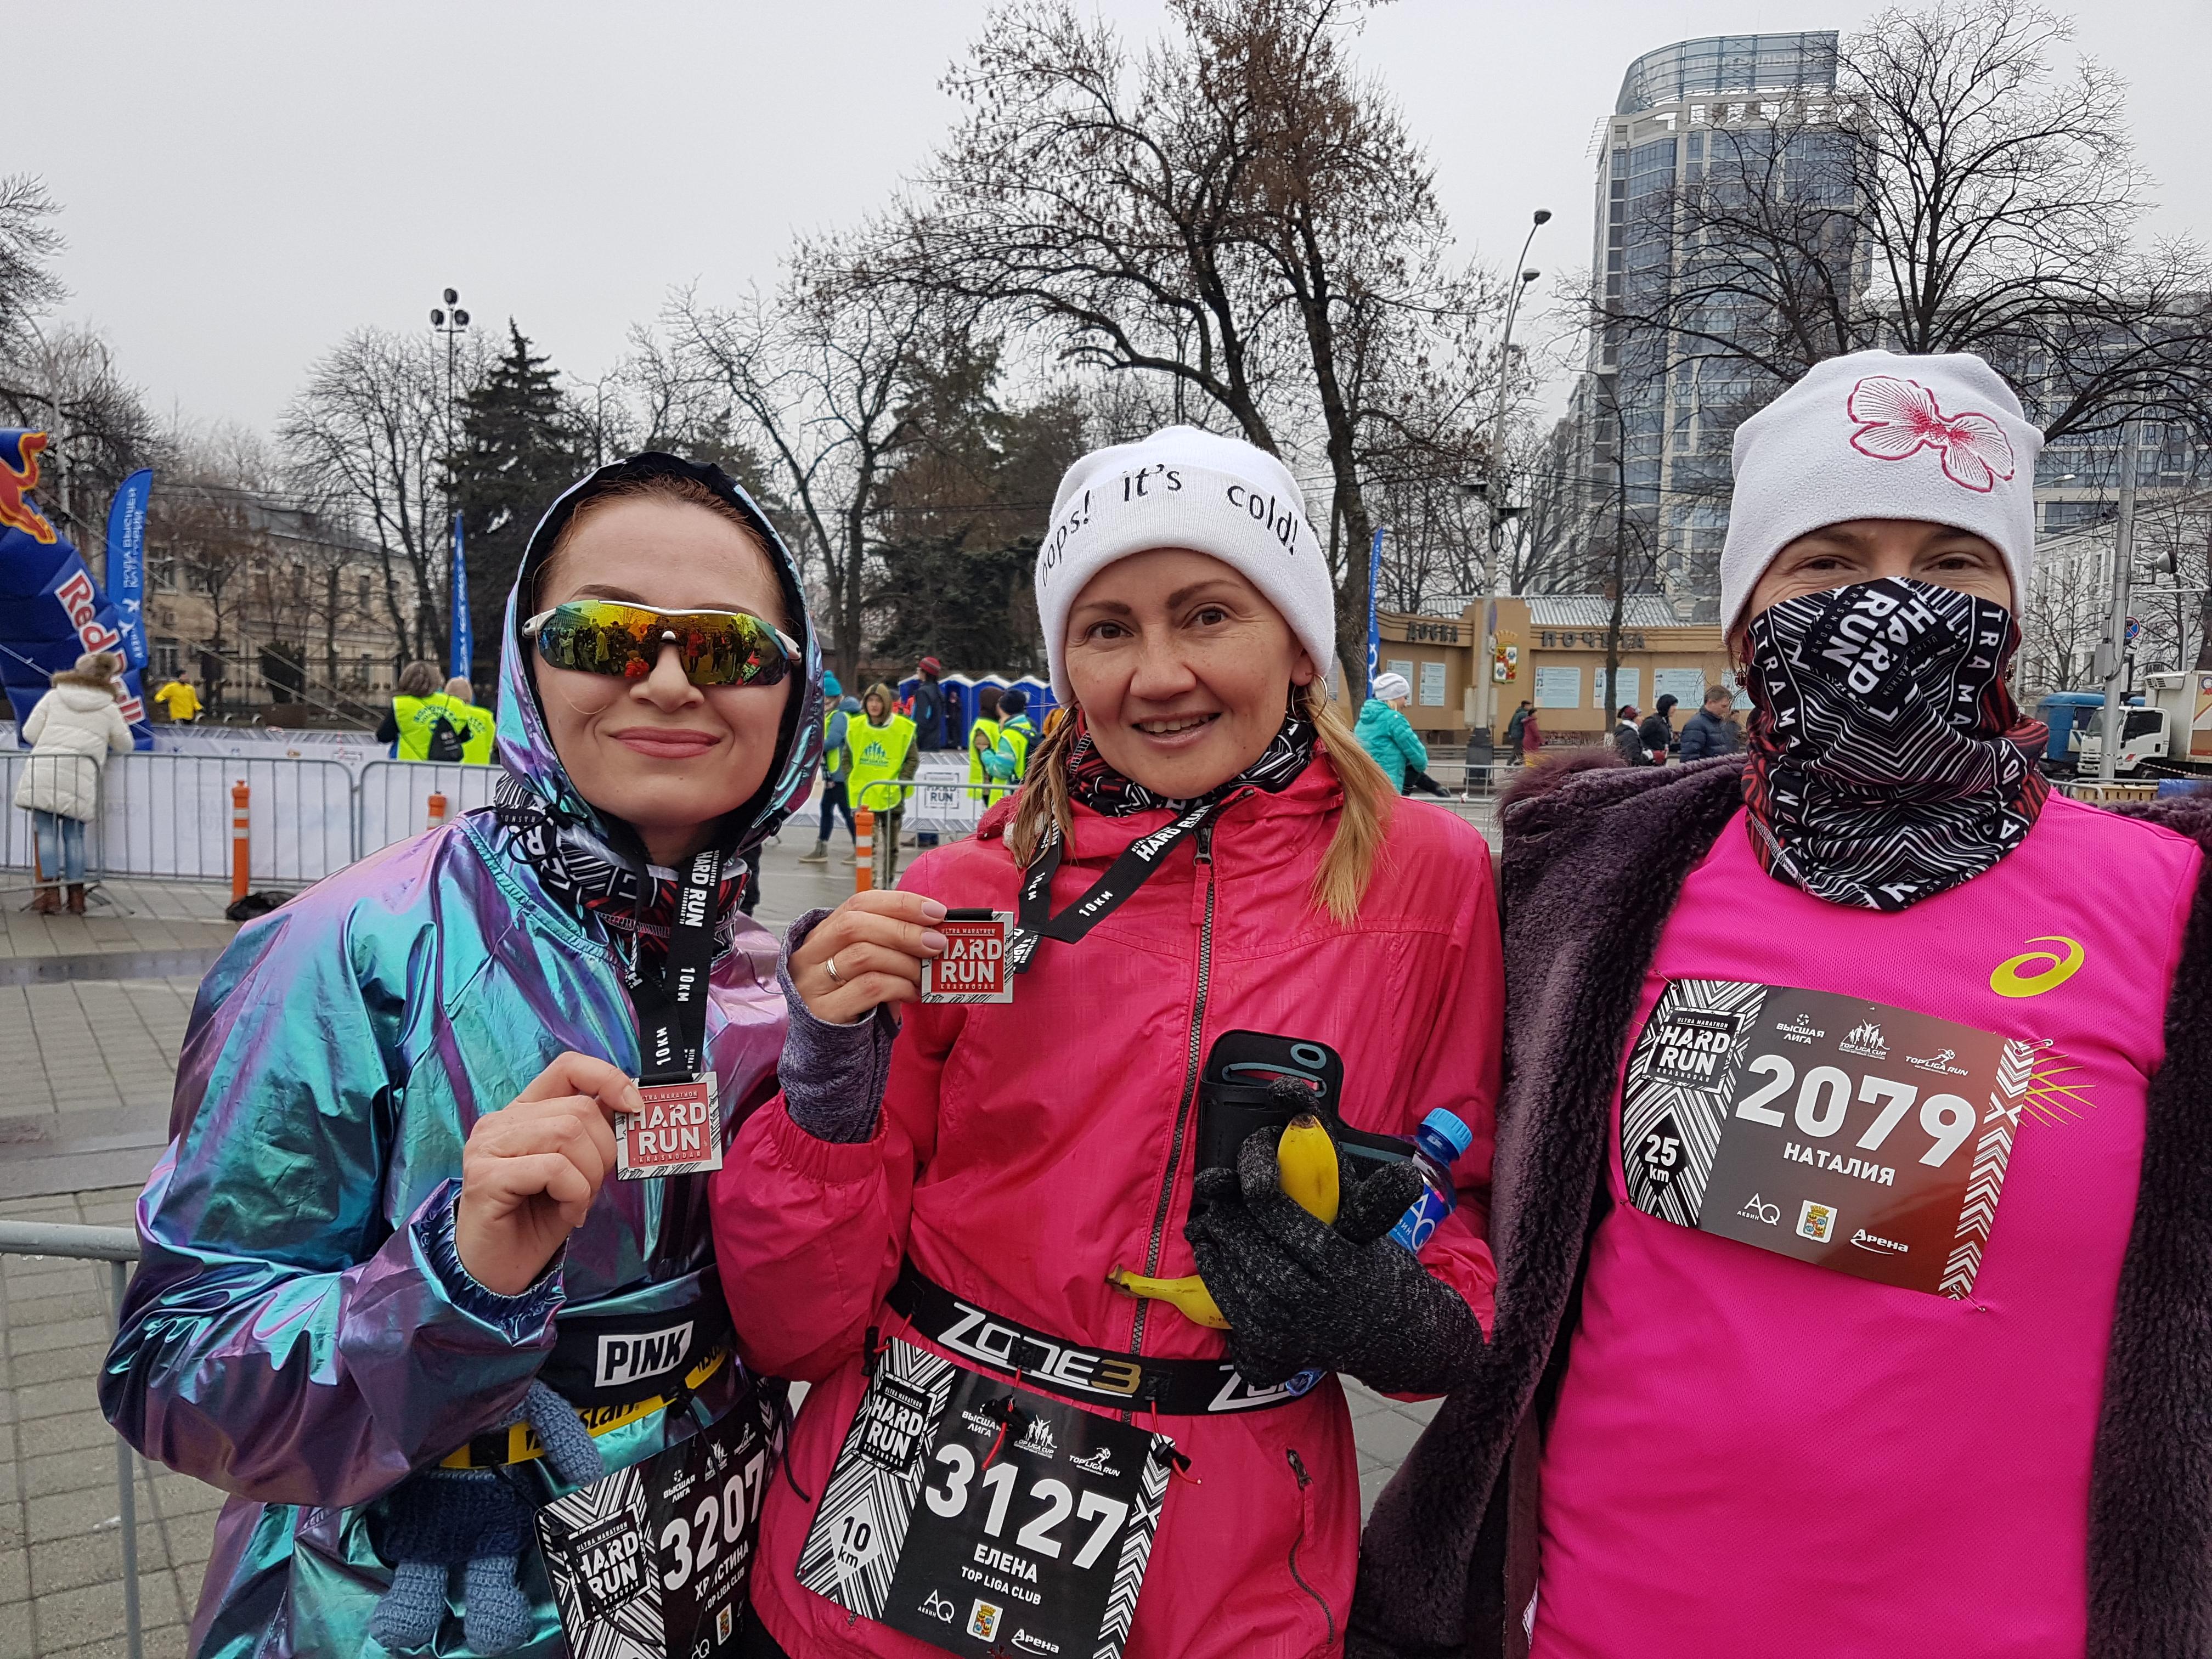 20180224_111550 Христина, Лена и Наташа